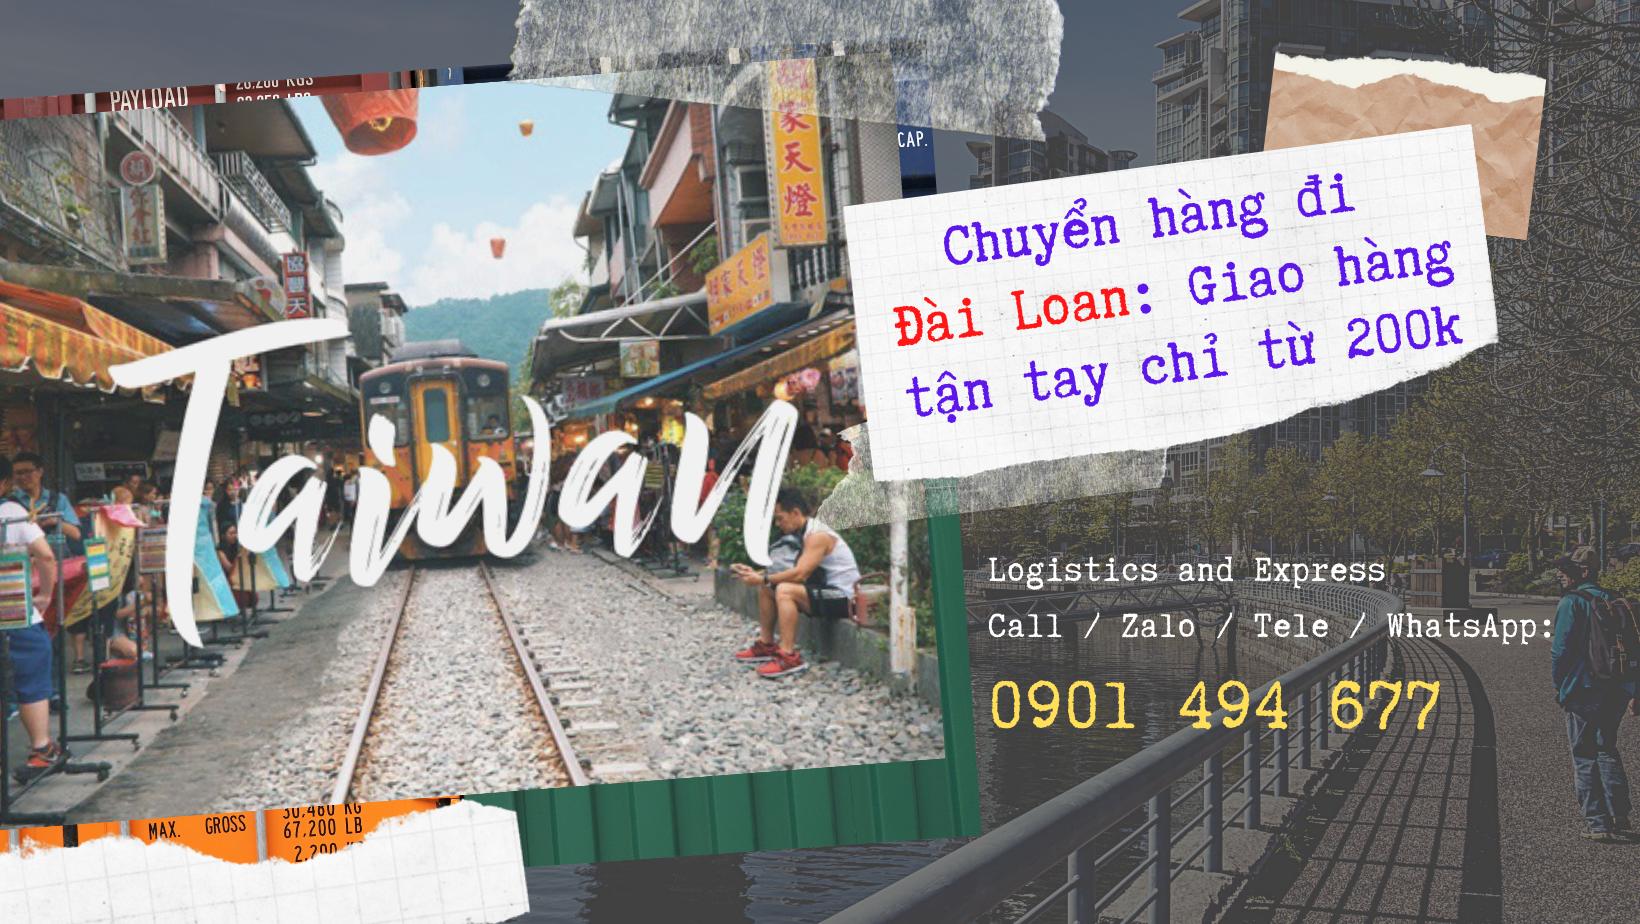 Chuyển hàng đi Đài Loan: Giao hàng tận tay chỉ từ 200k